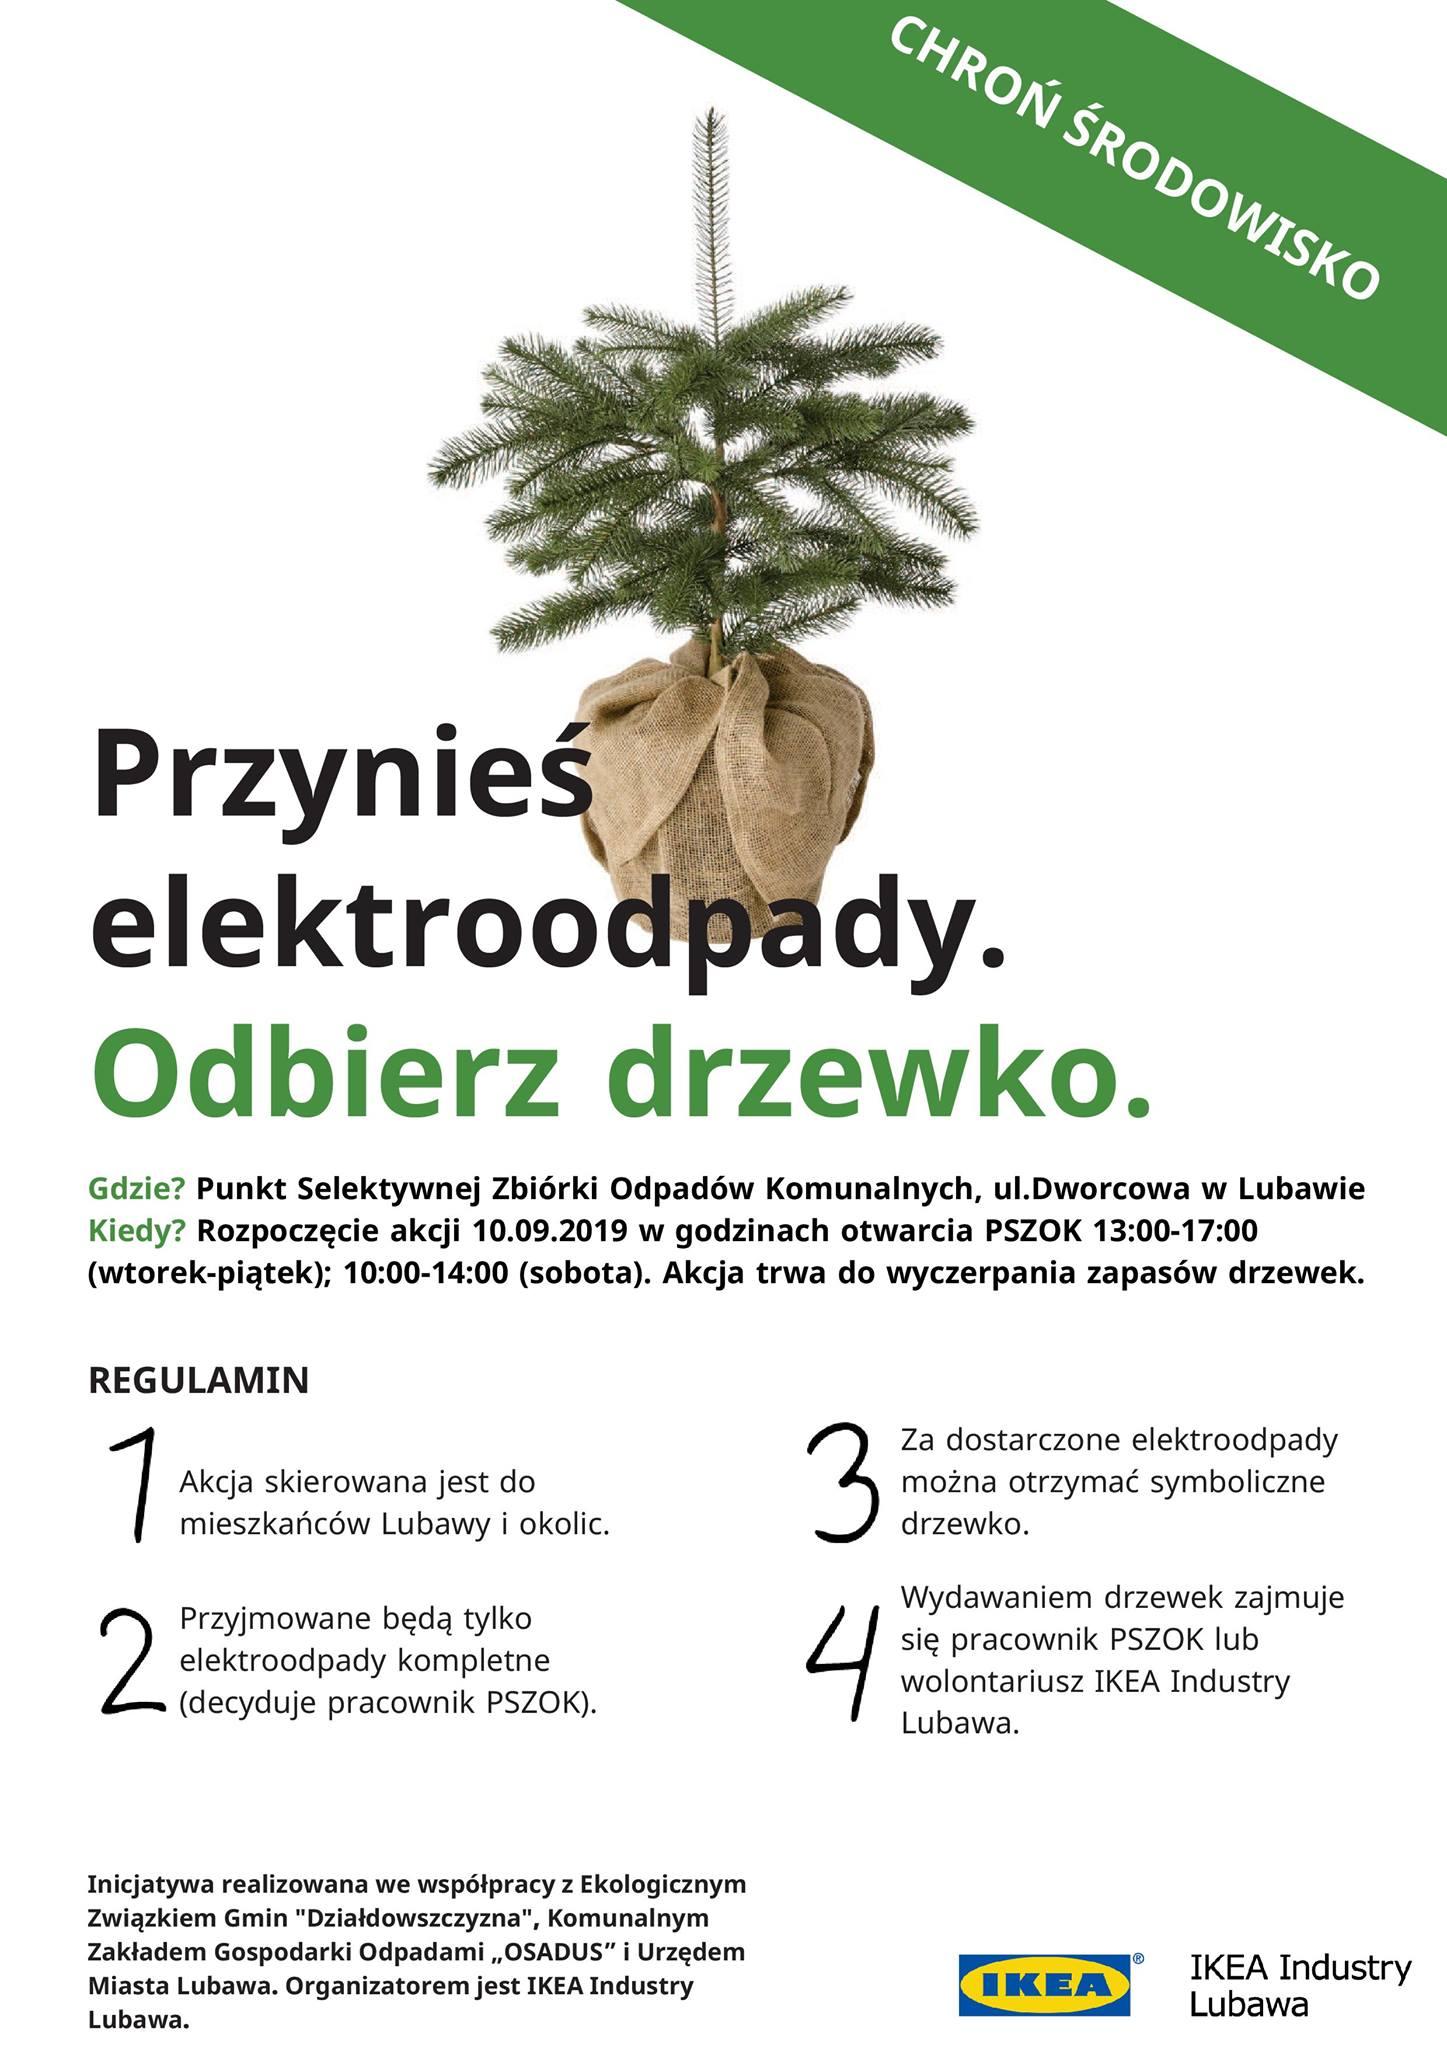 http://m.wm.pl/2019/09/orig/elektro-574075.jpg